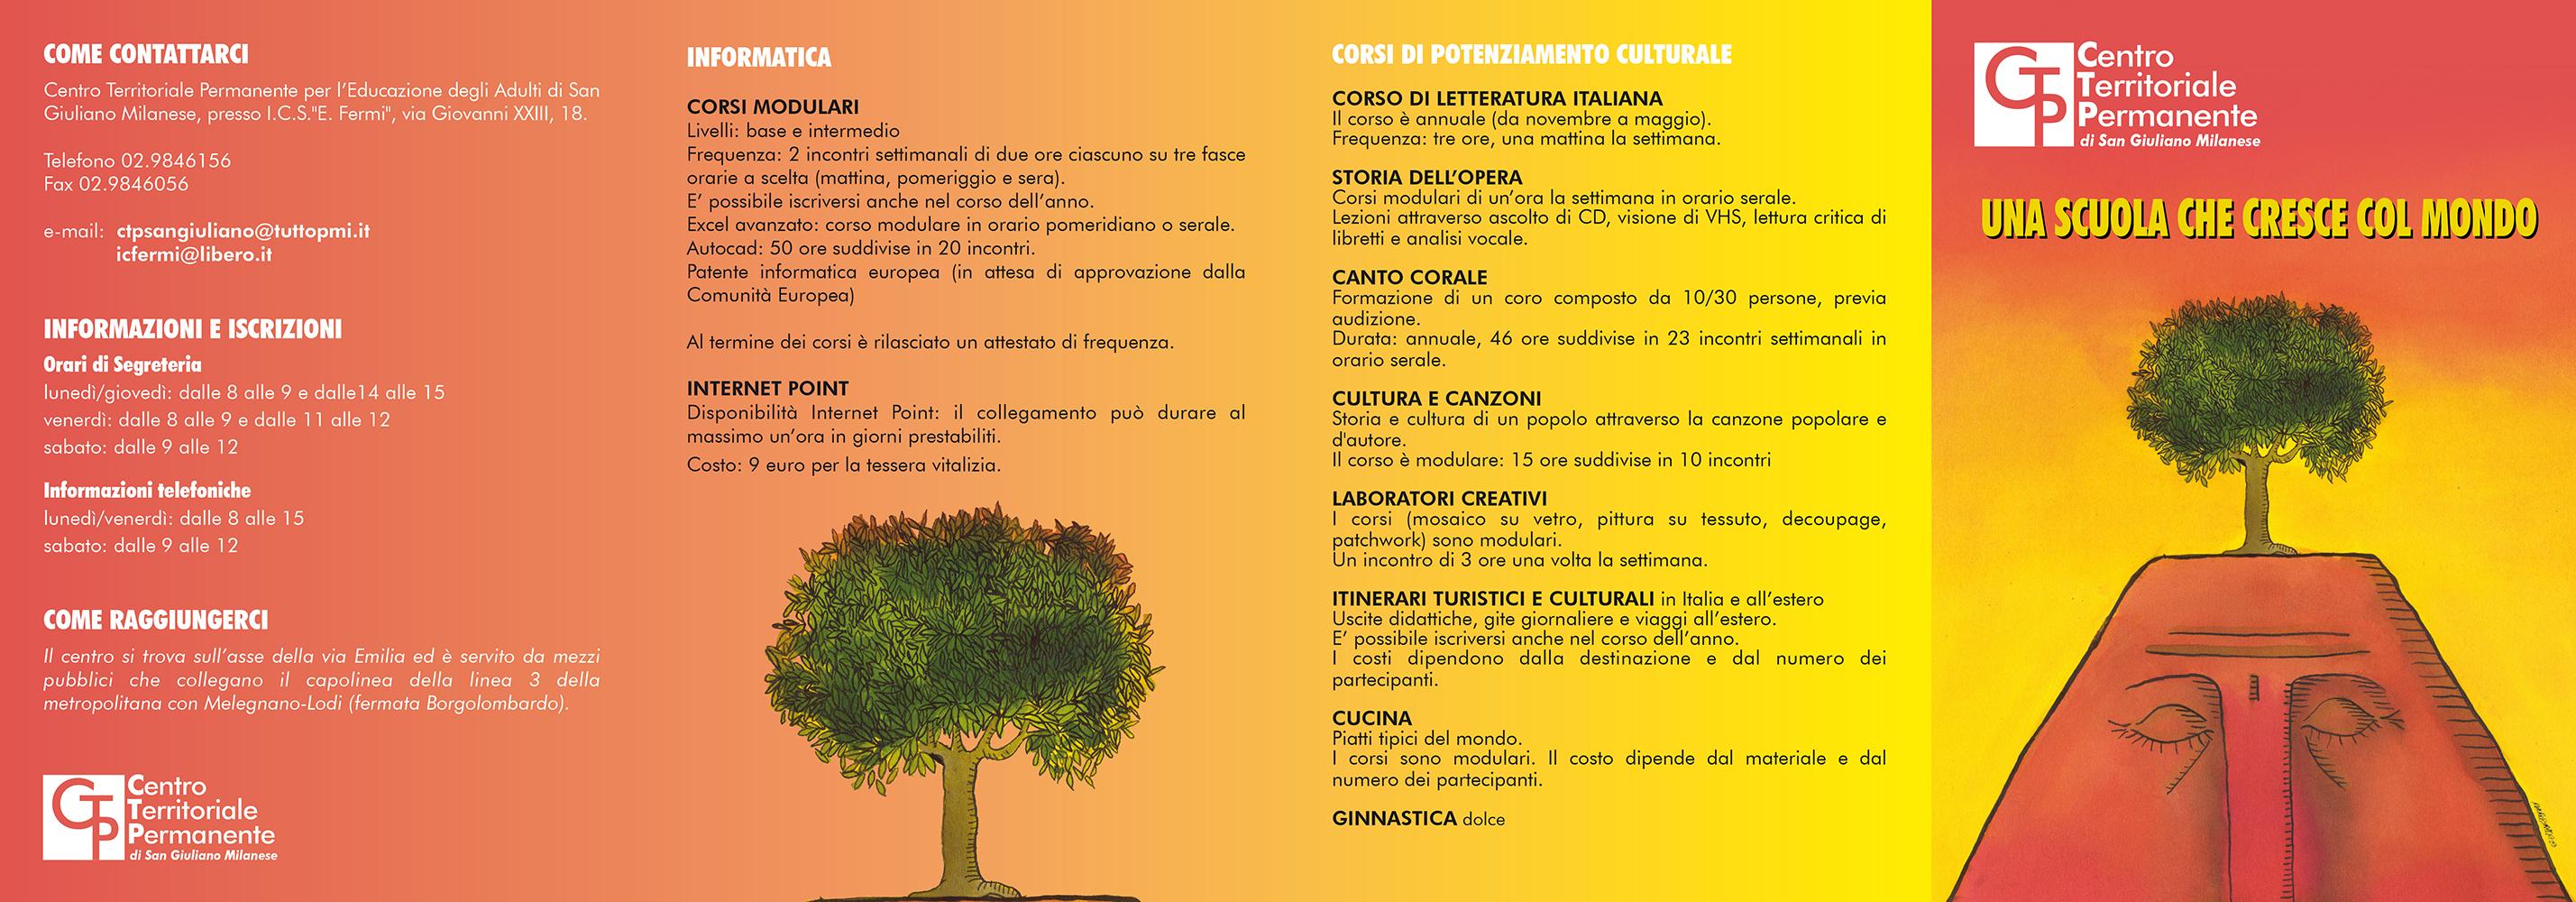 leaflet_fronte